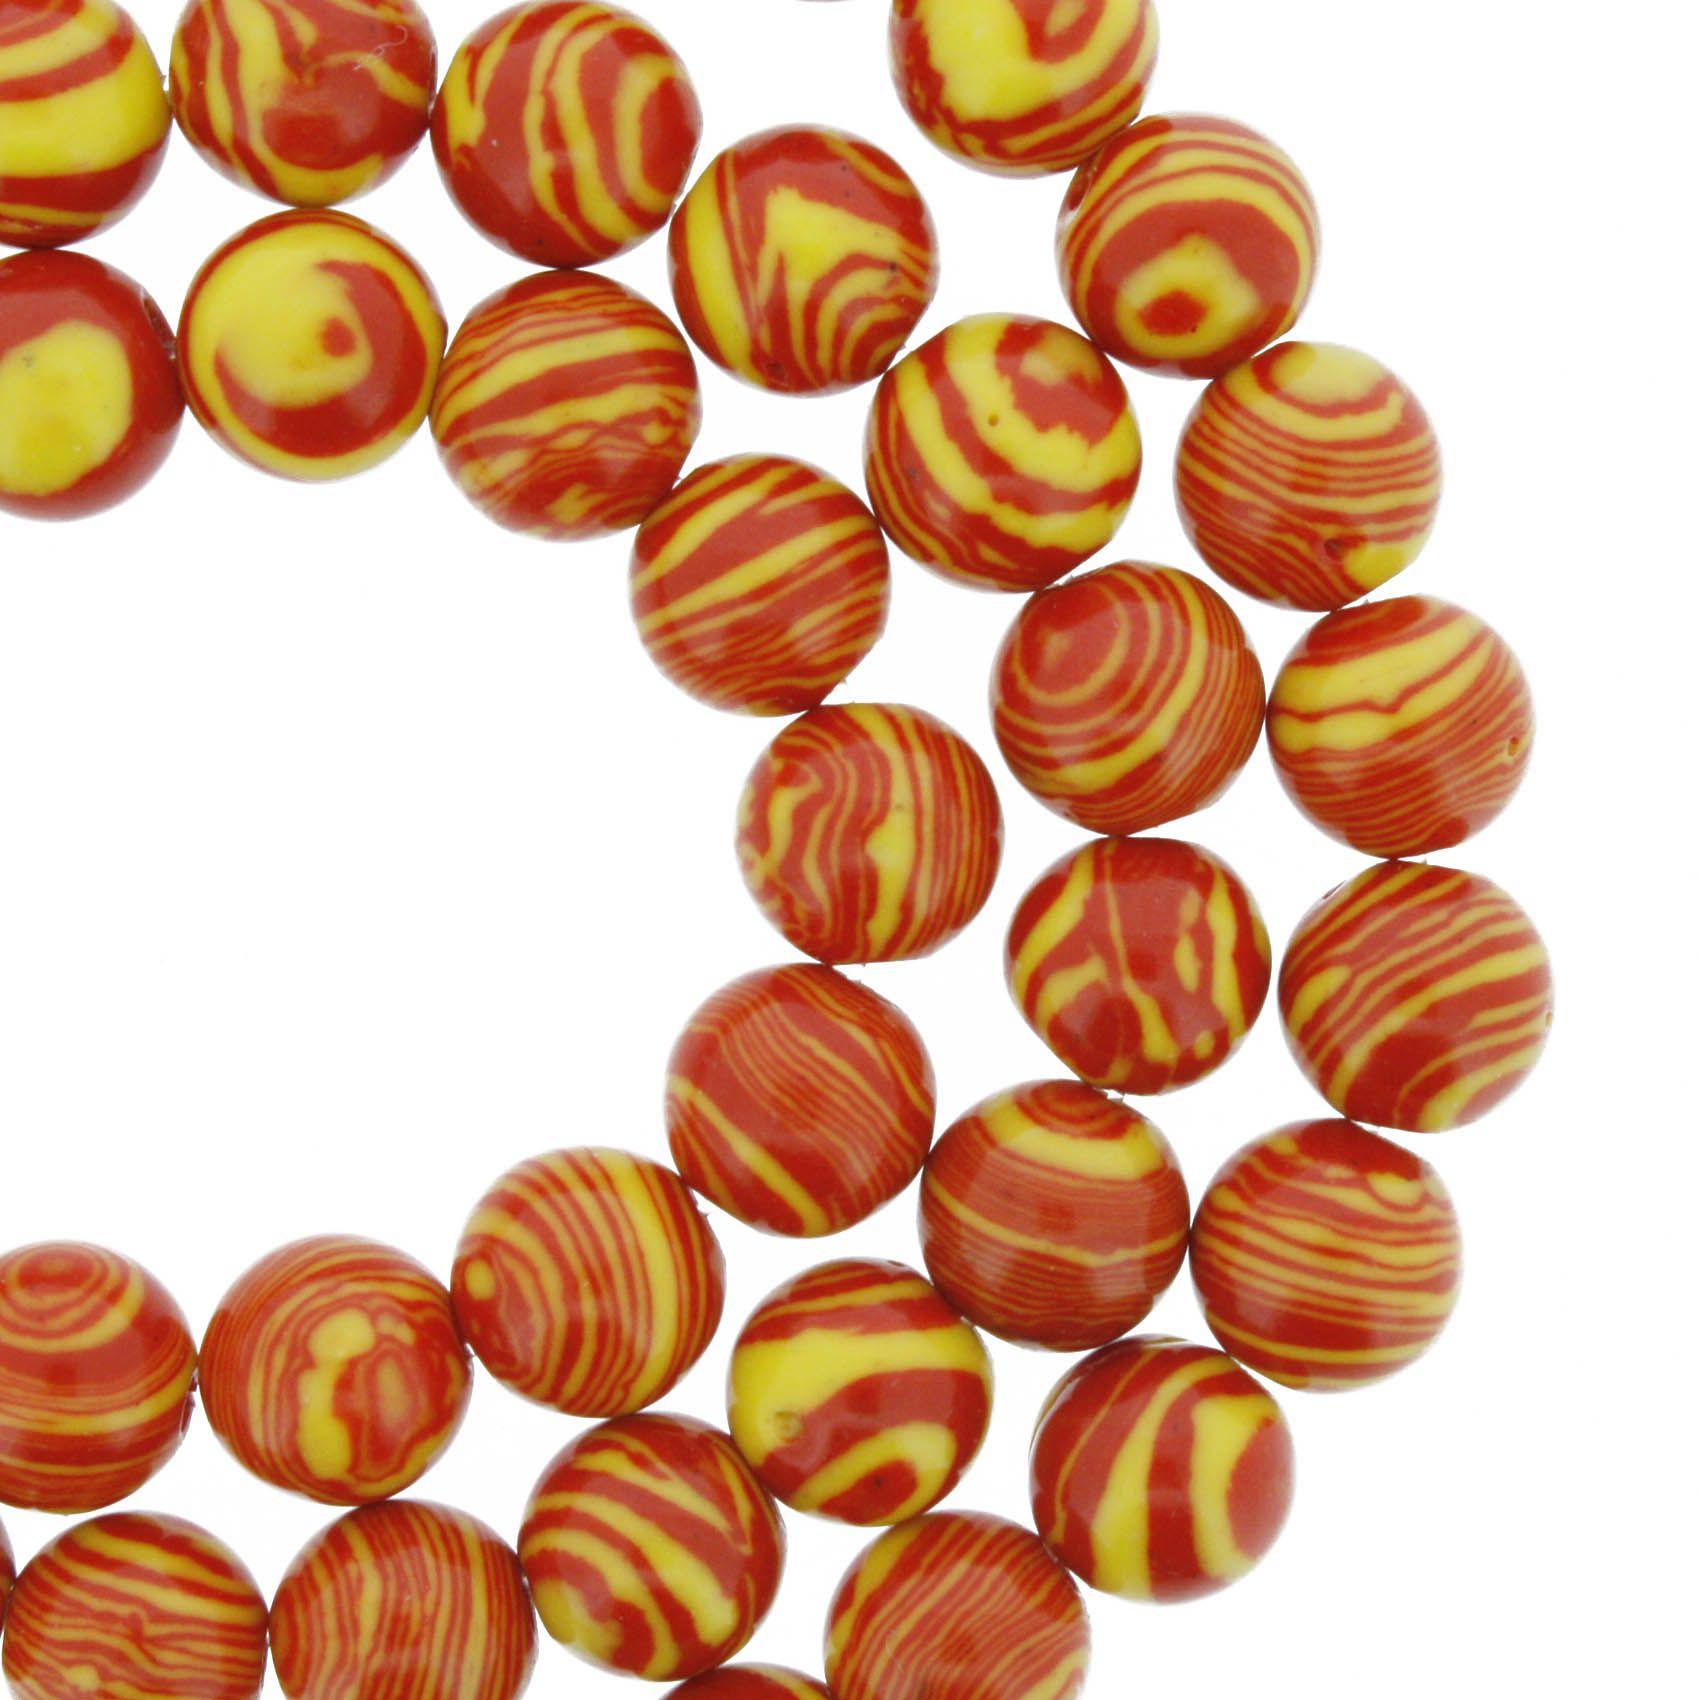 Fio de Pedra - Pietra® - Malaquita Vermelha e Amarela - 8mm  - Universo Religioso® - Artigos de Umbanda e Candomblé